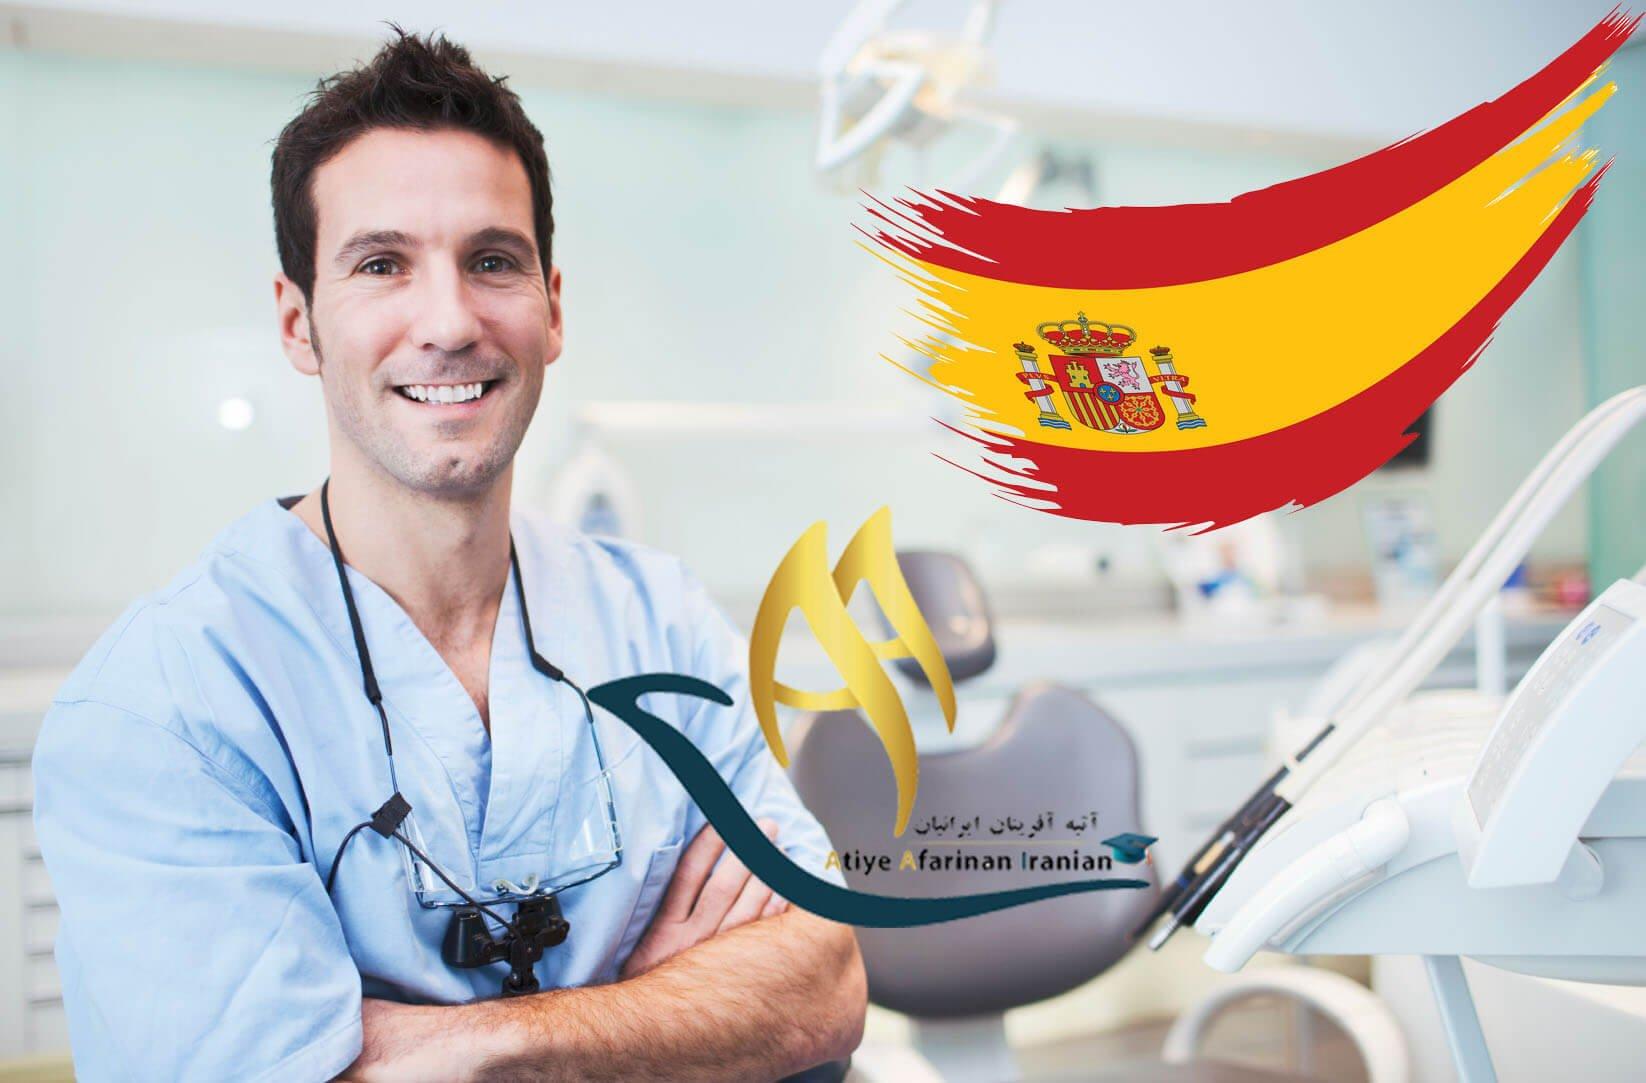 تحصیل دندان پزشکی در اسپانیا